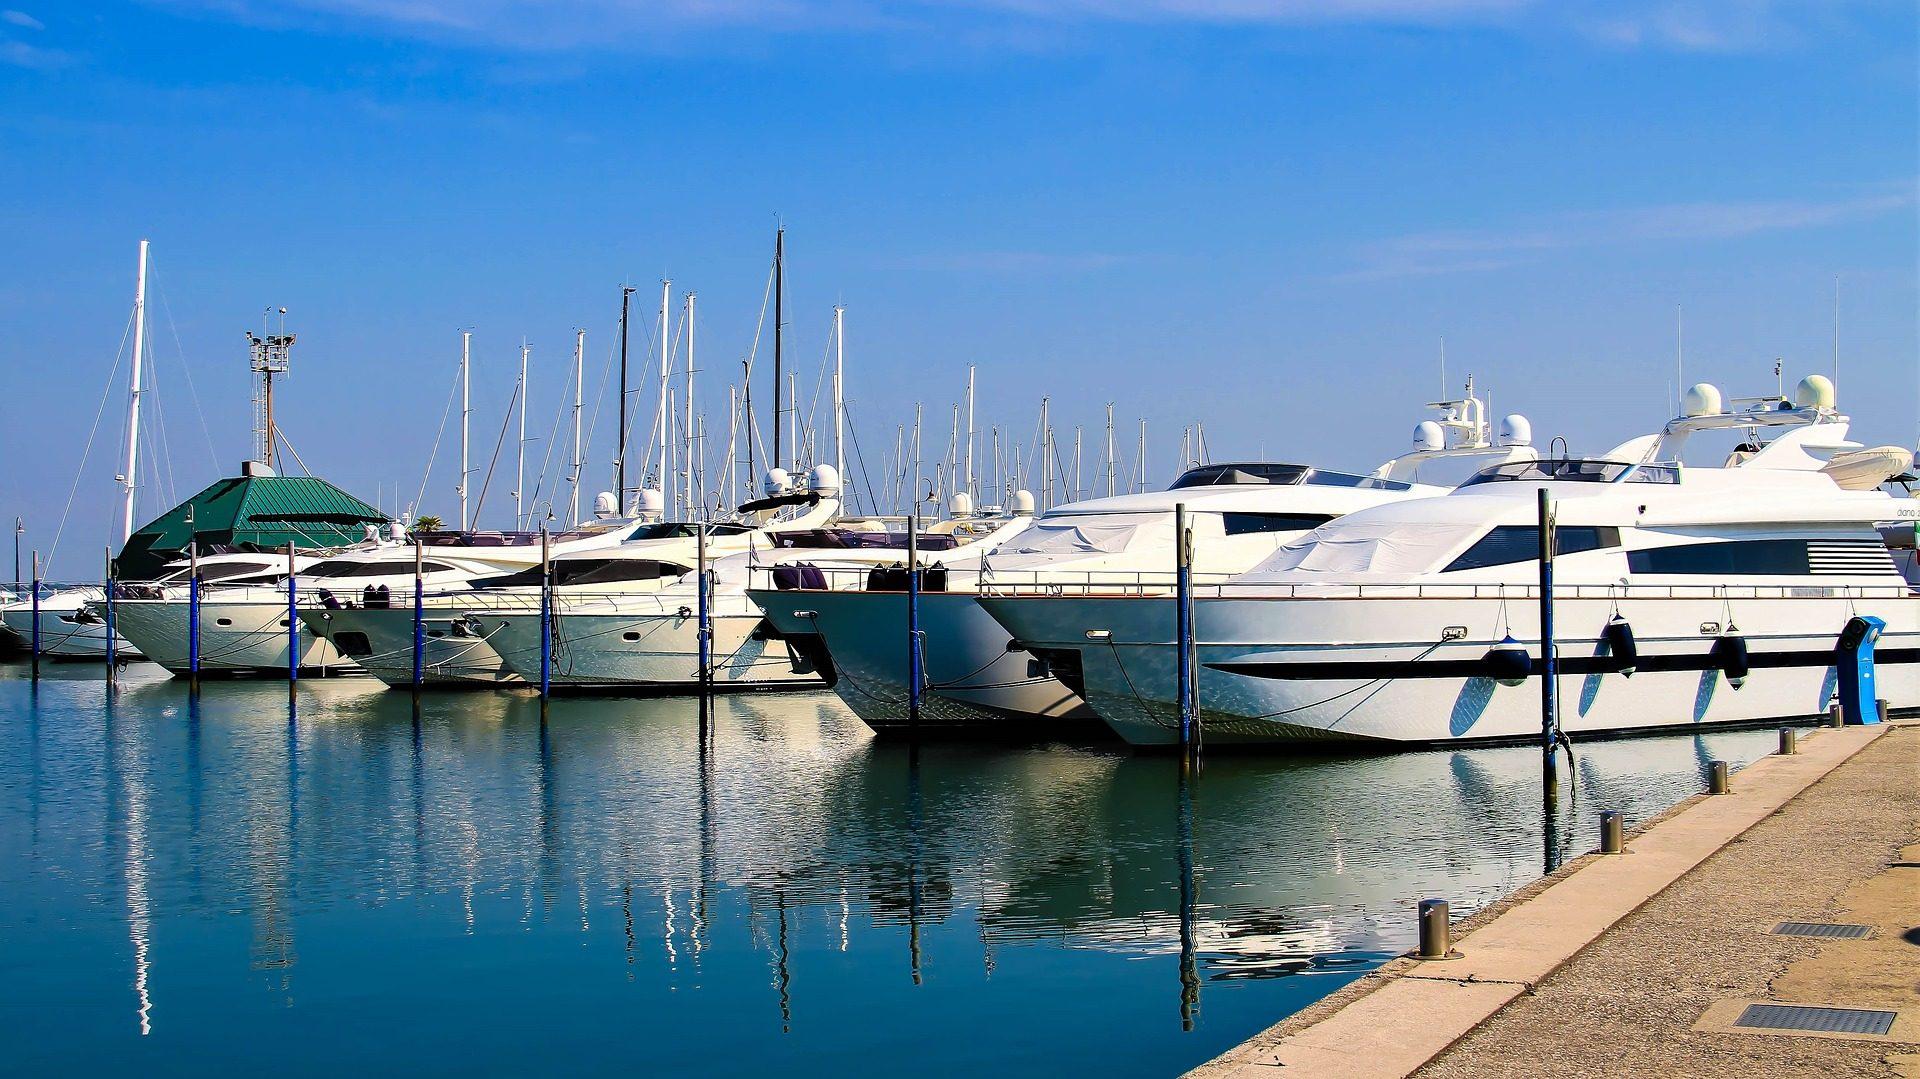 лодки, яхты, Порт, роскошь, отражение - Обои HD - Профессор falken.com